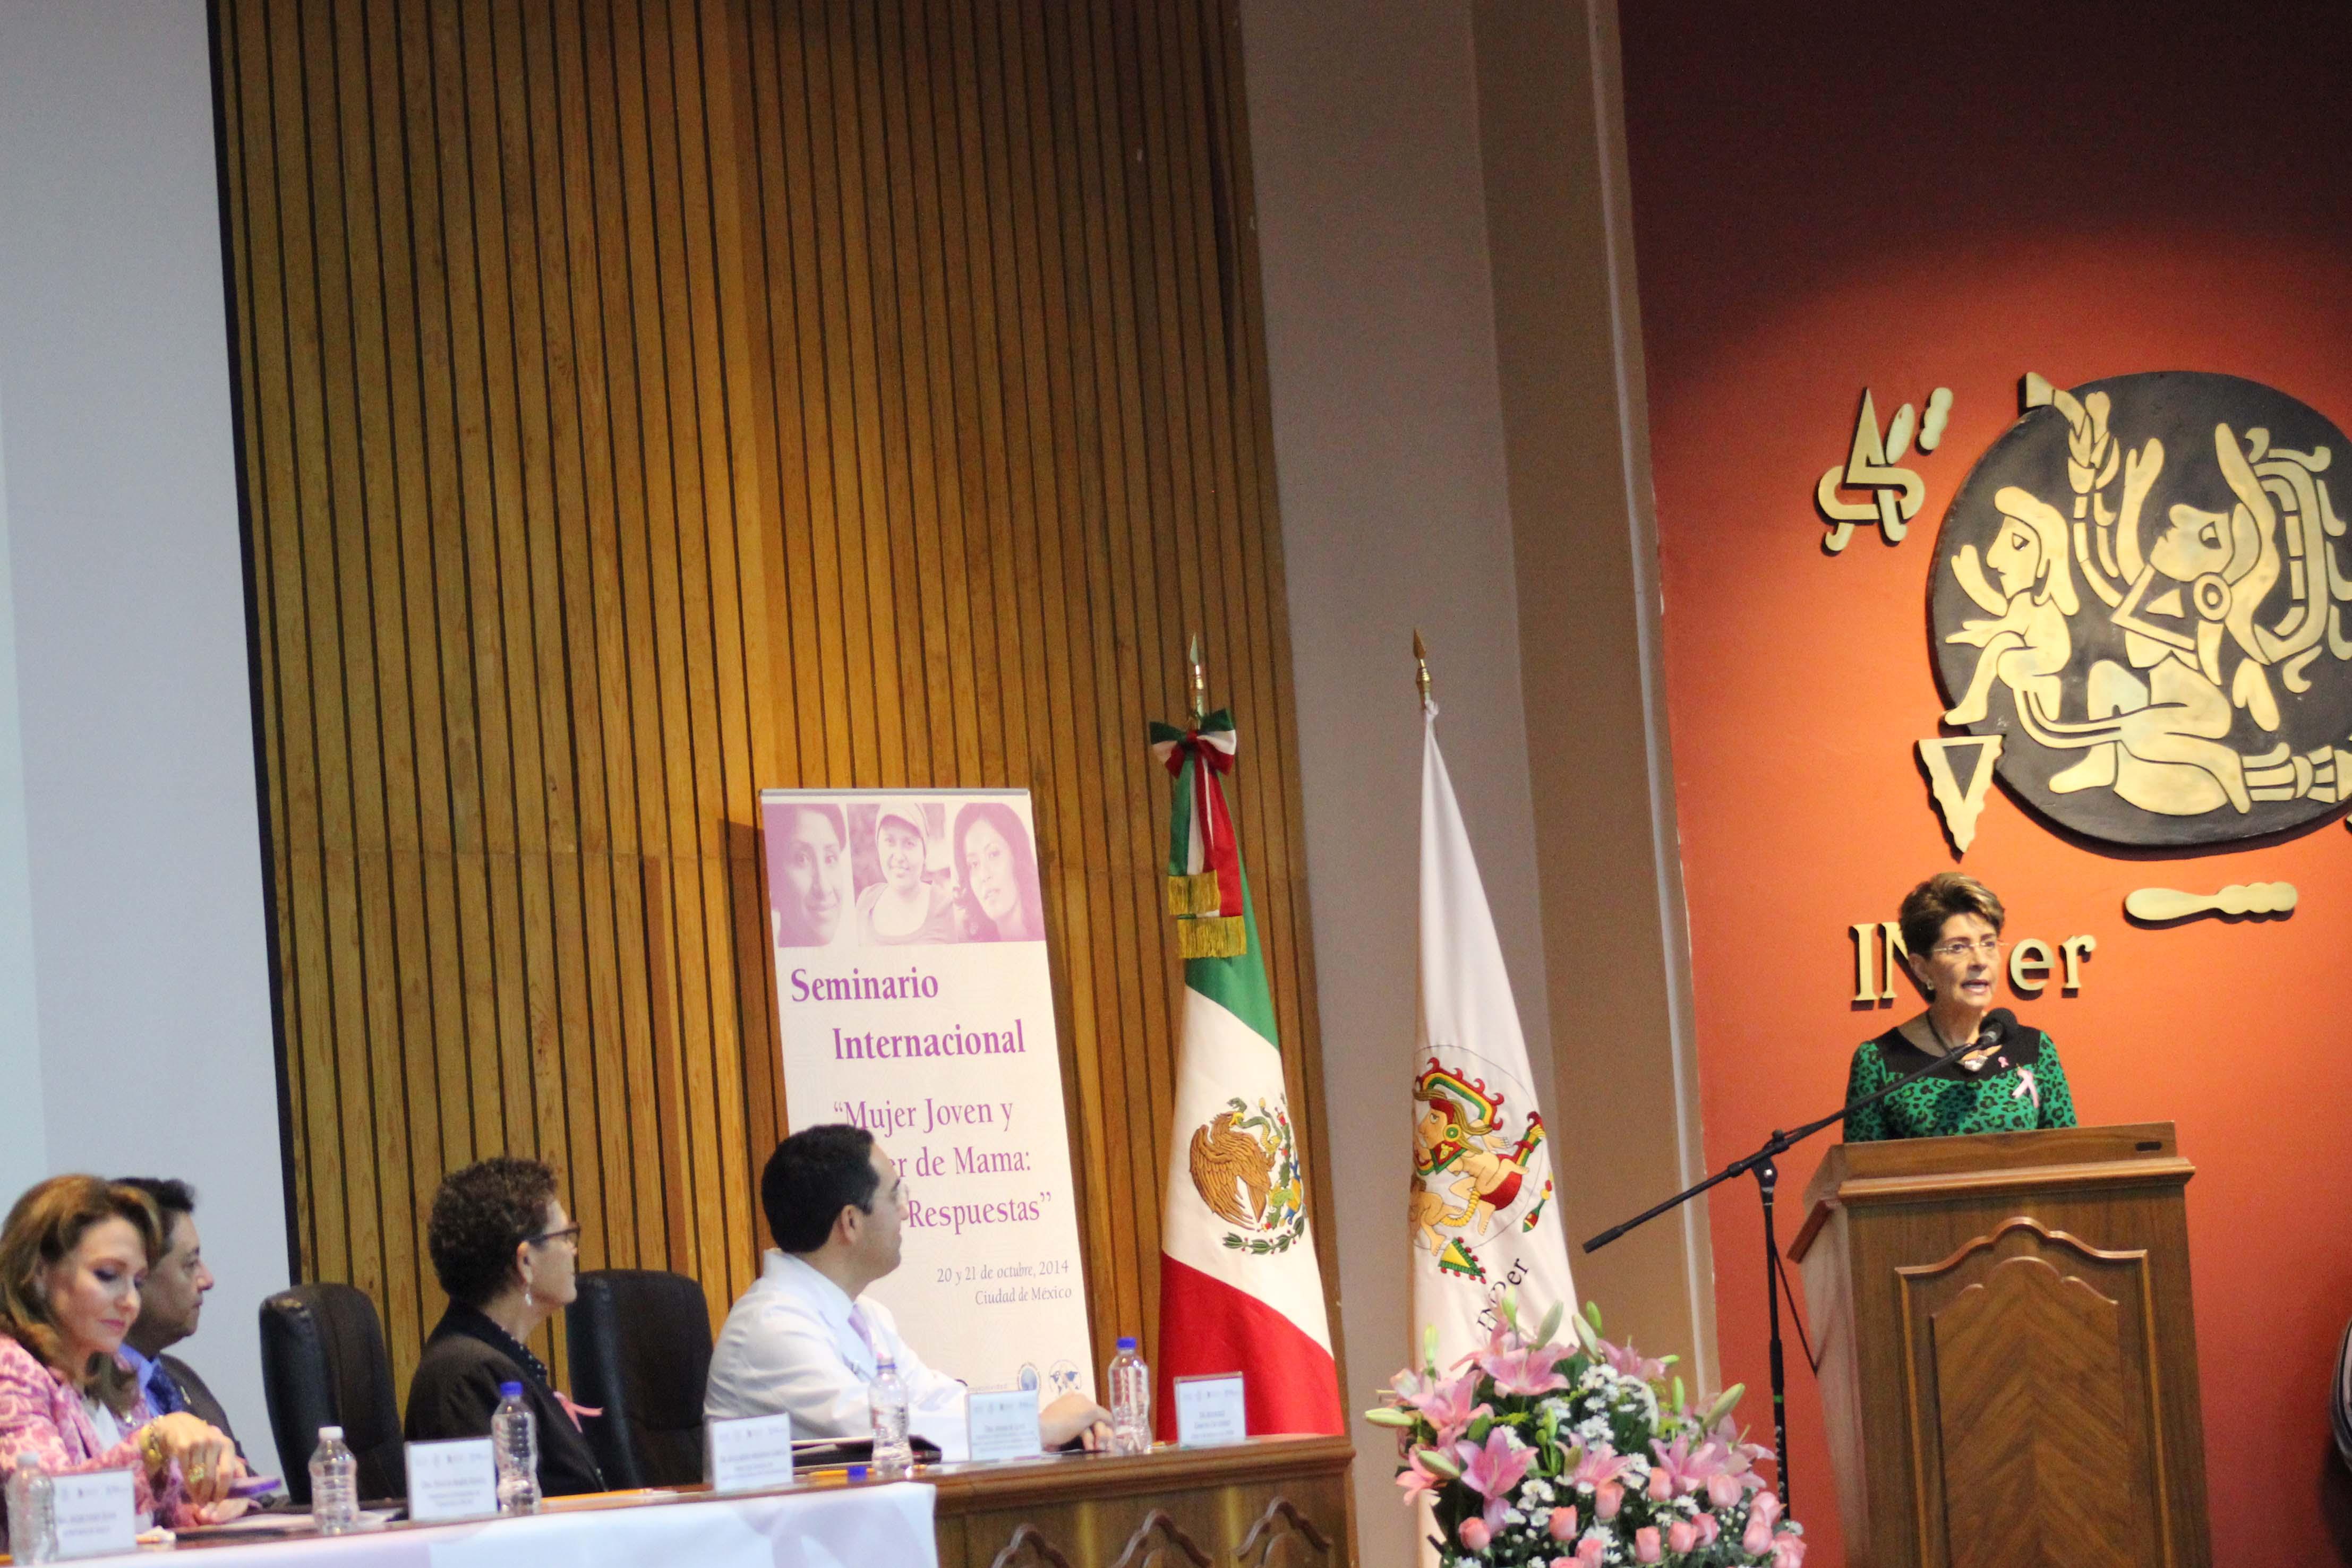 SEMINARIO INTERNACIONAL MUJER JOVEN Y C NCER DE MAMA RETOS Y RESPUESTAS 201410  7 .jpg